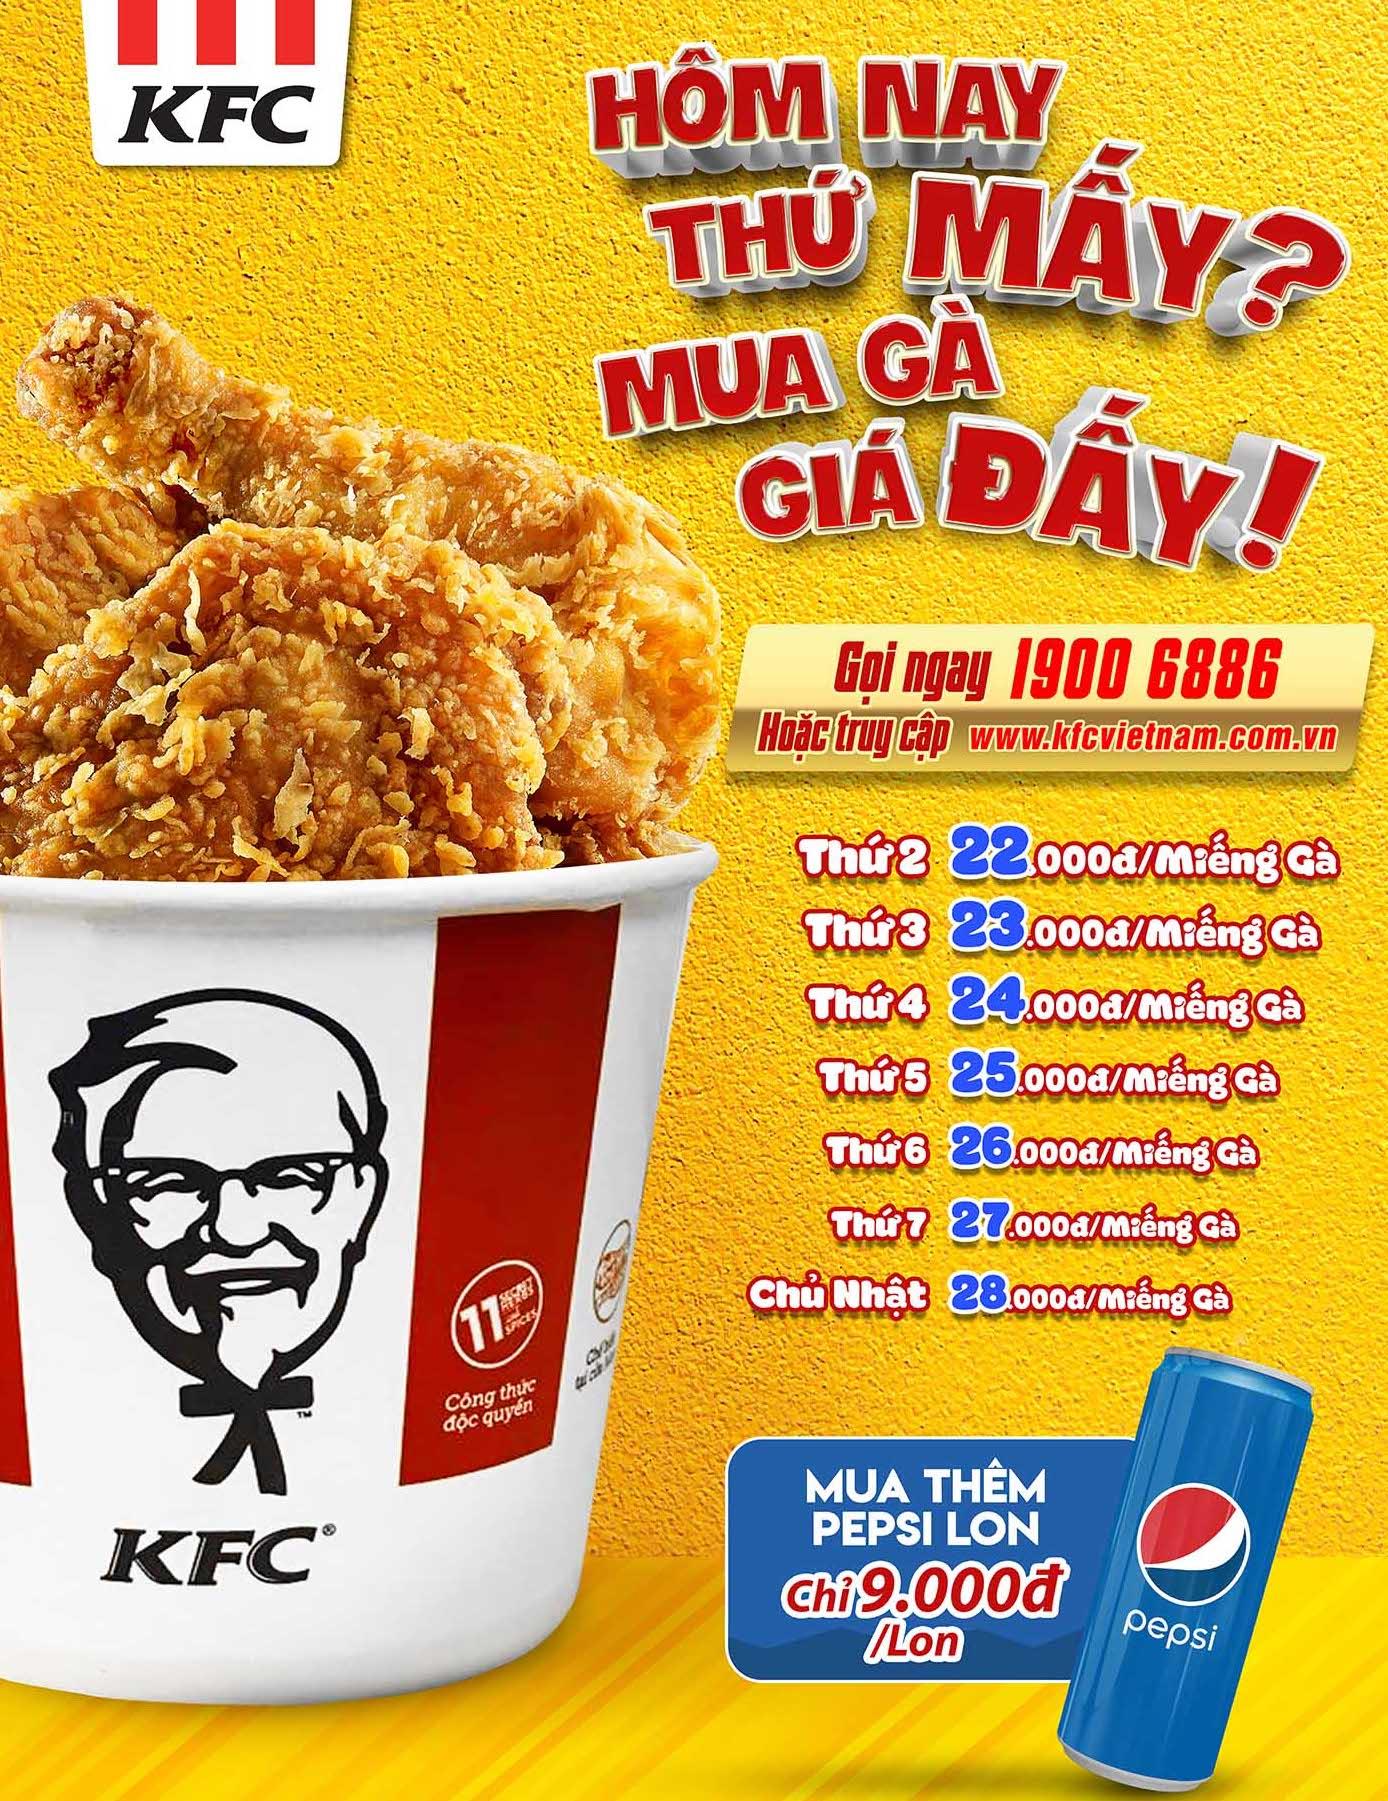 KFC_02